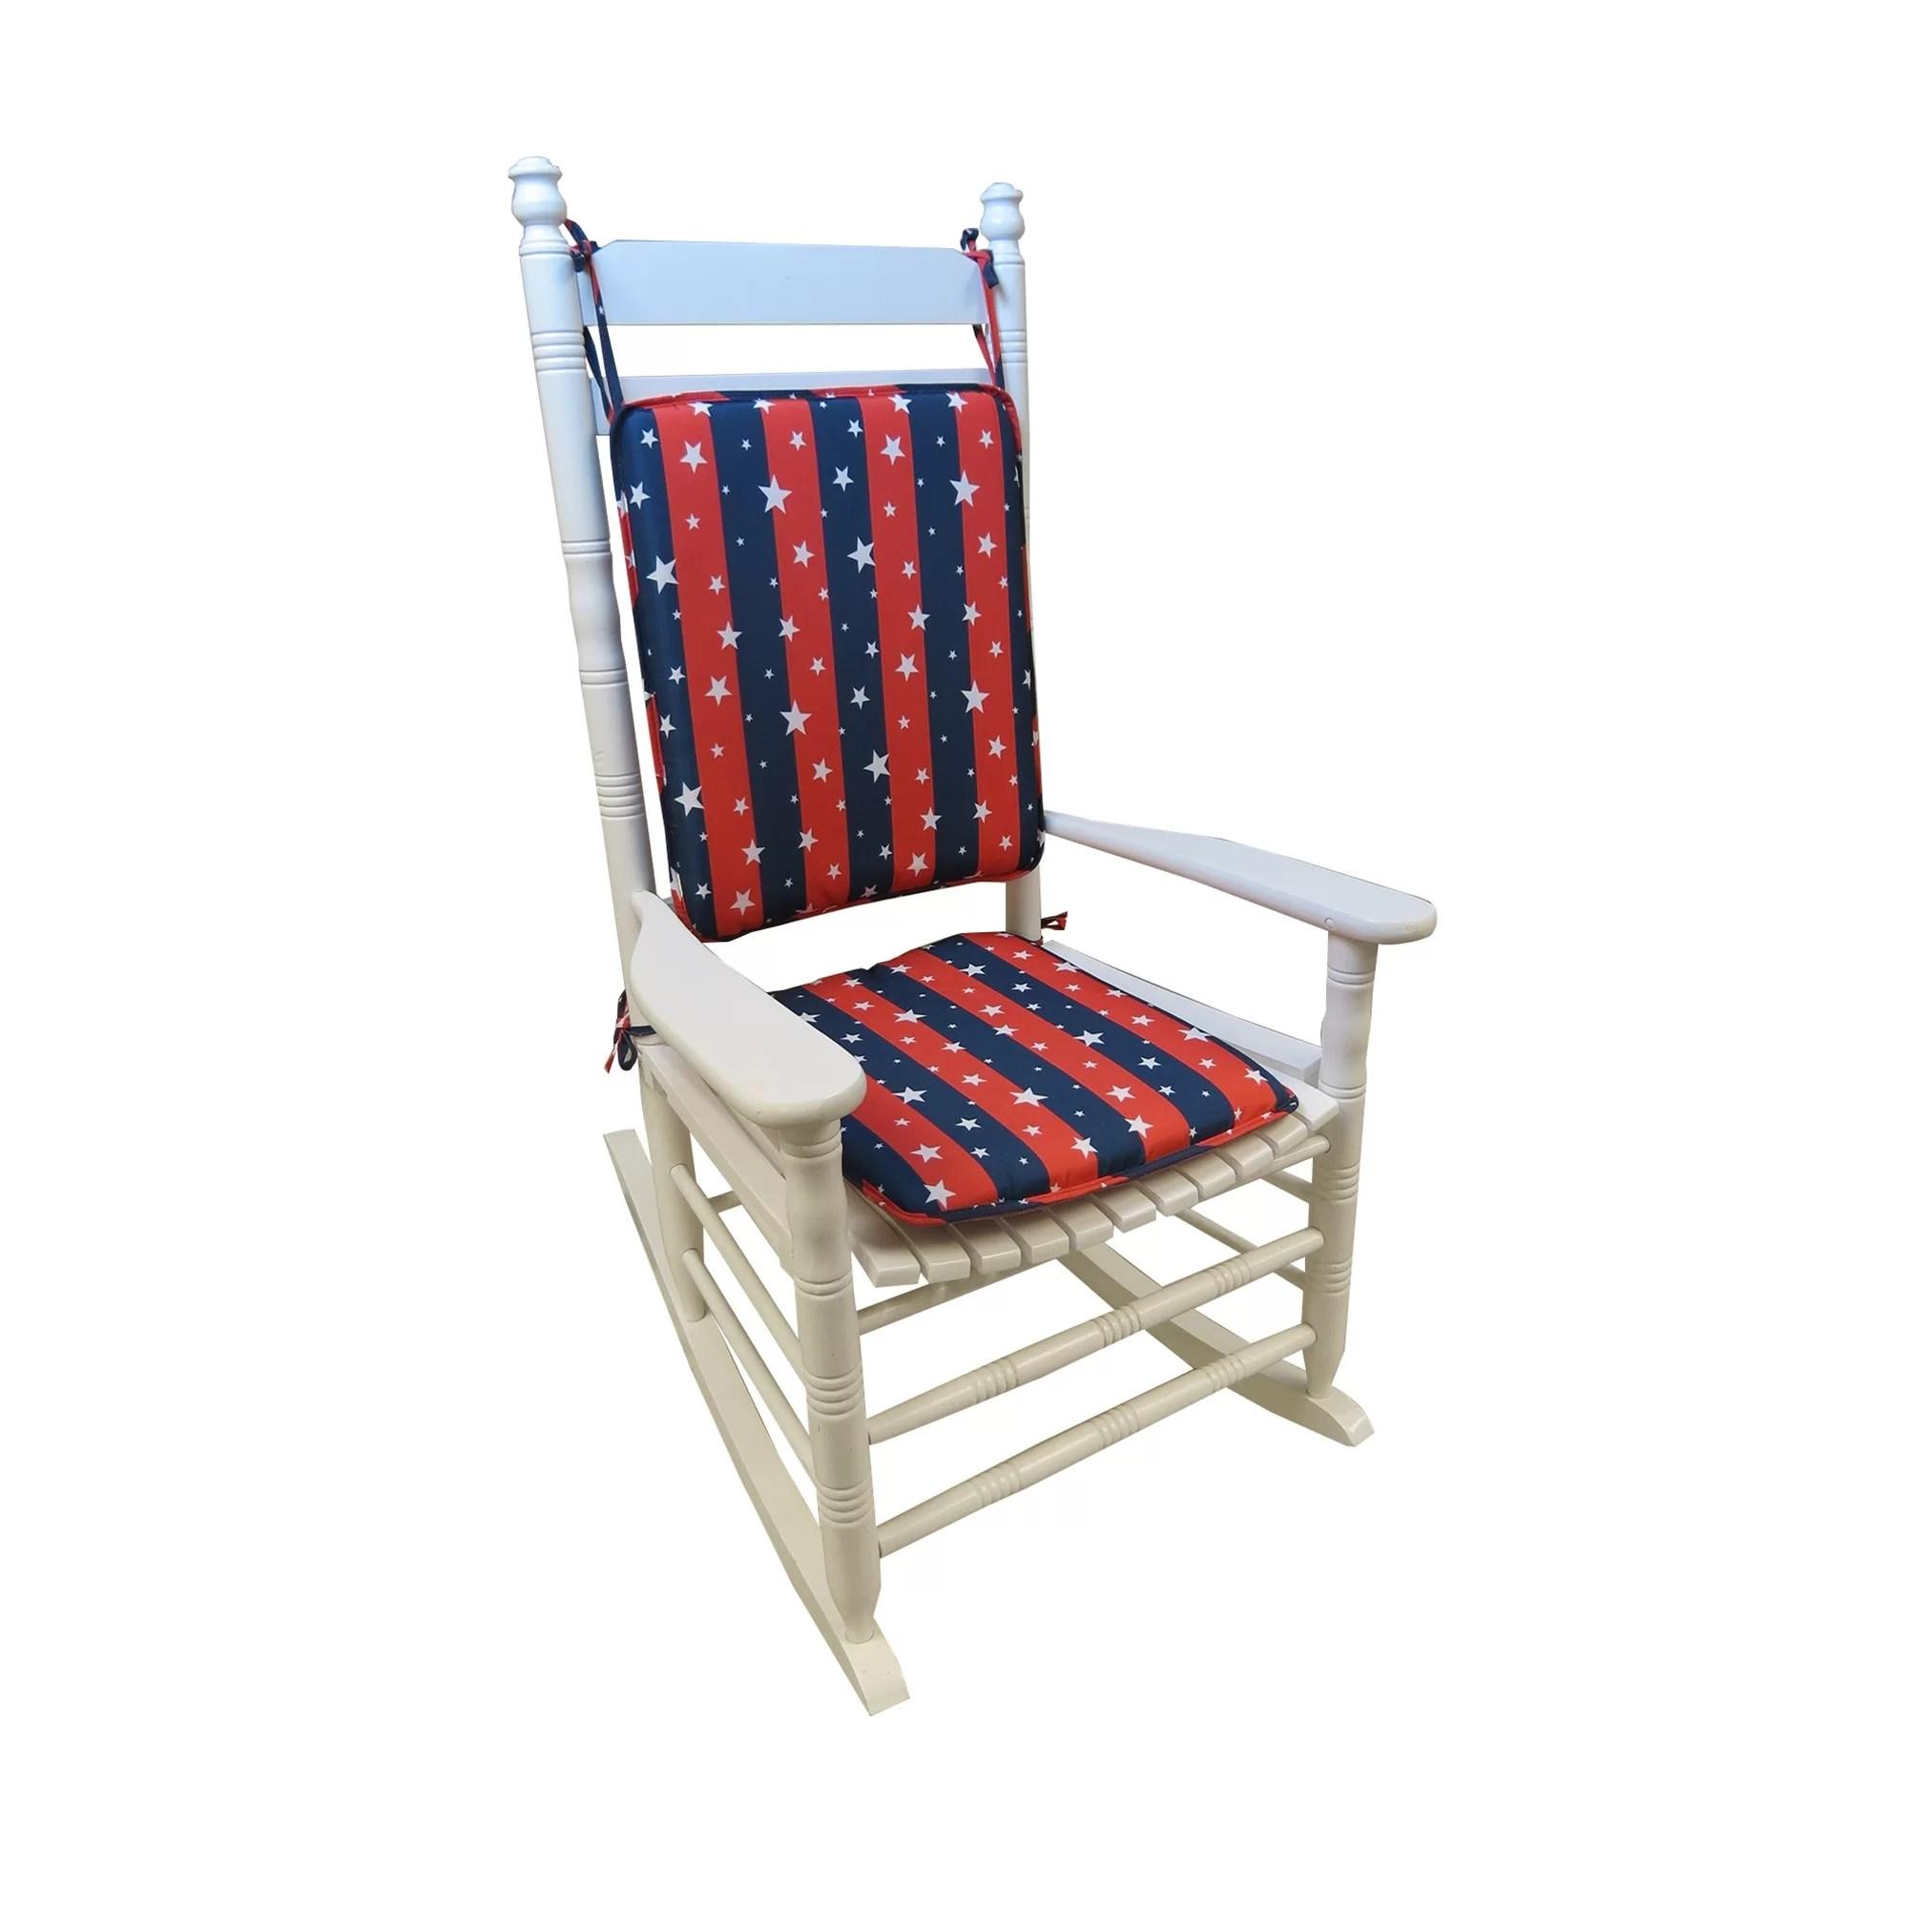 2 pc rocking chair cushions evenflo modern high recall americana cushion wayfair